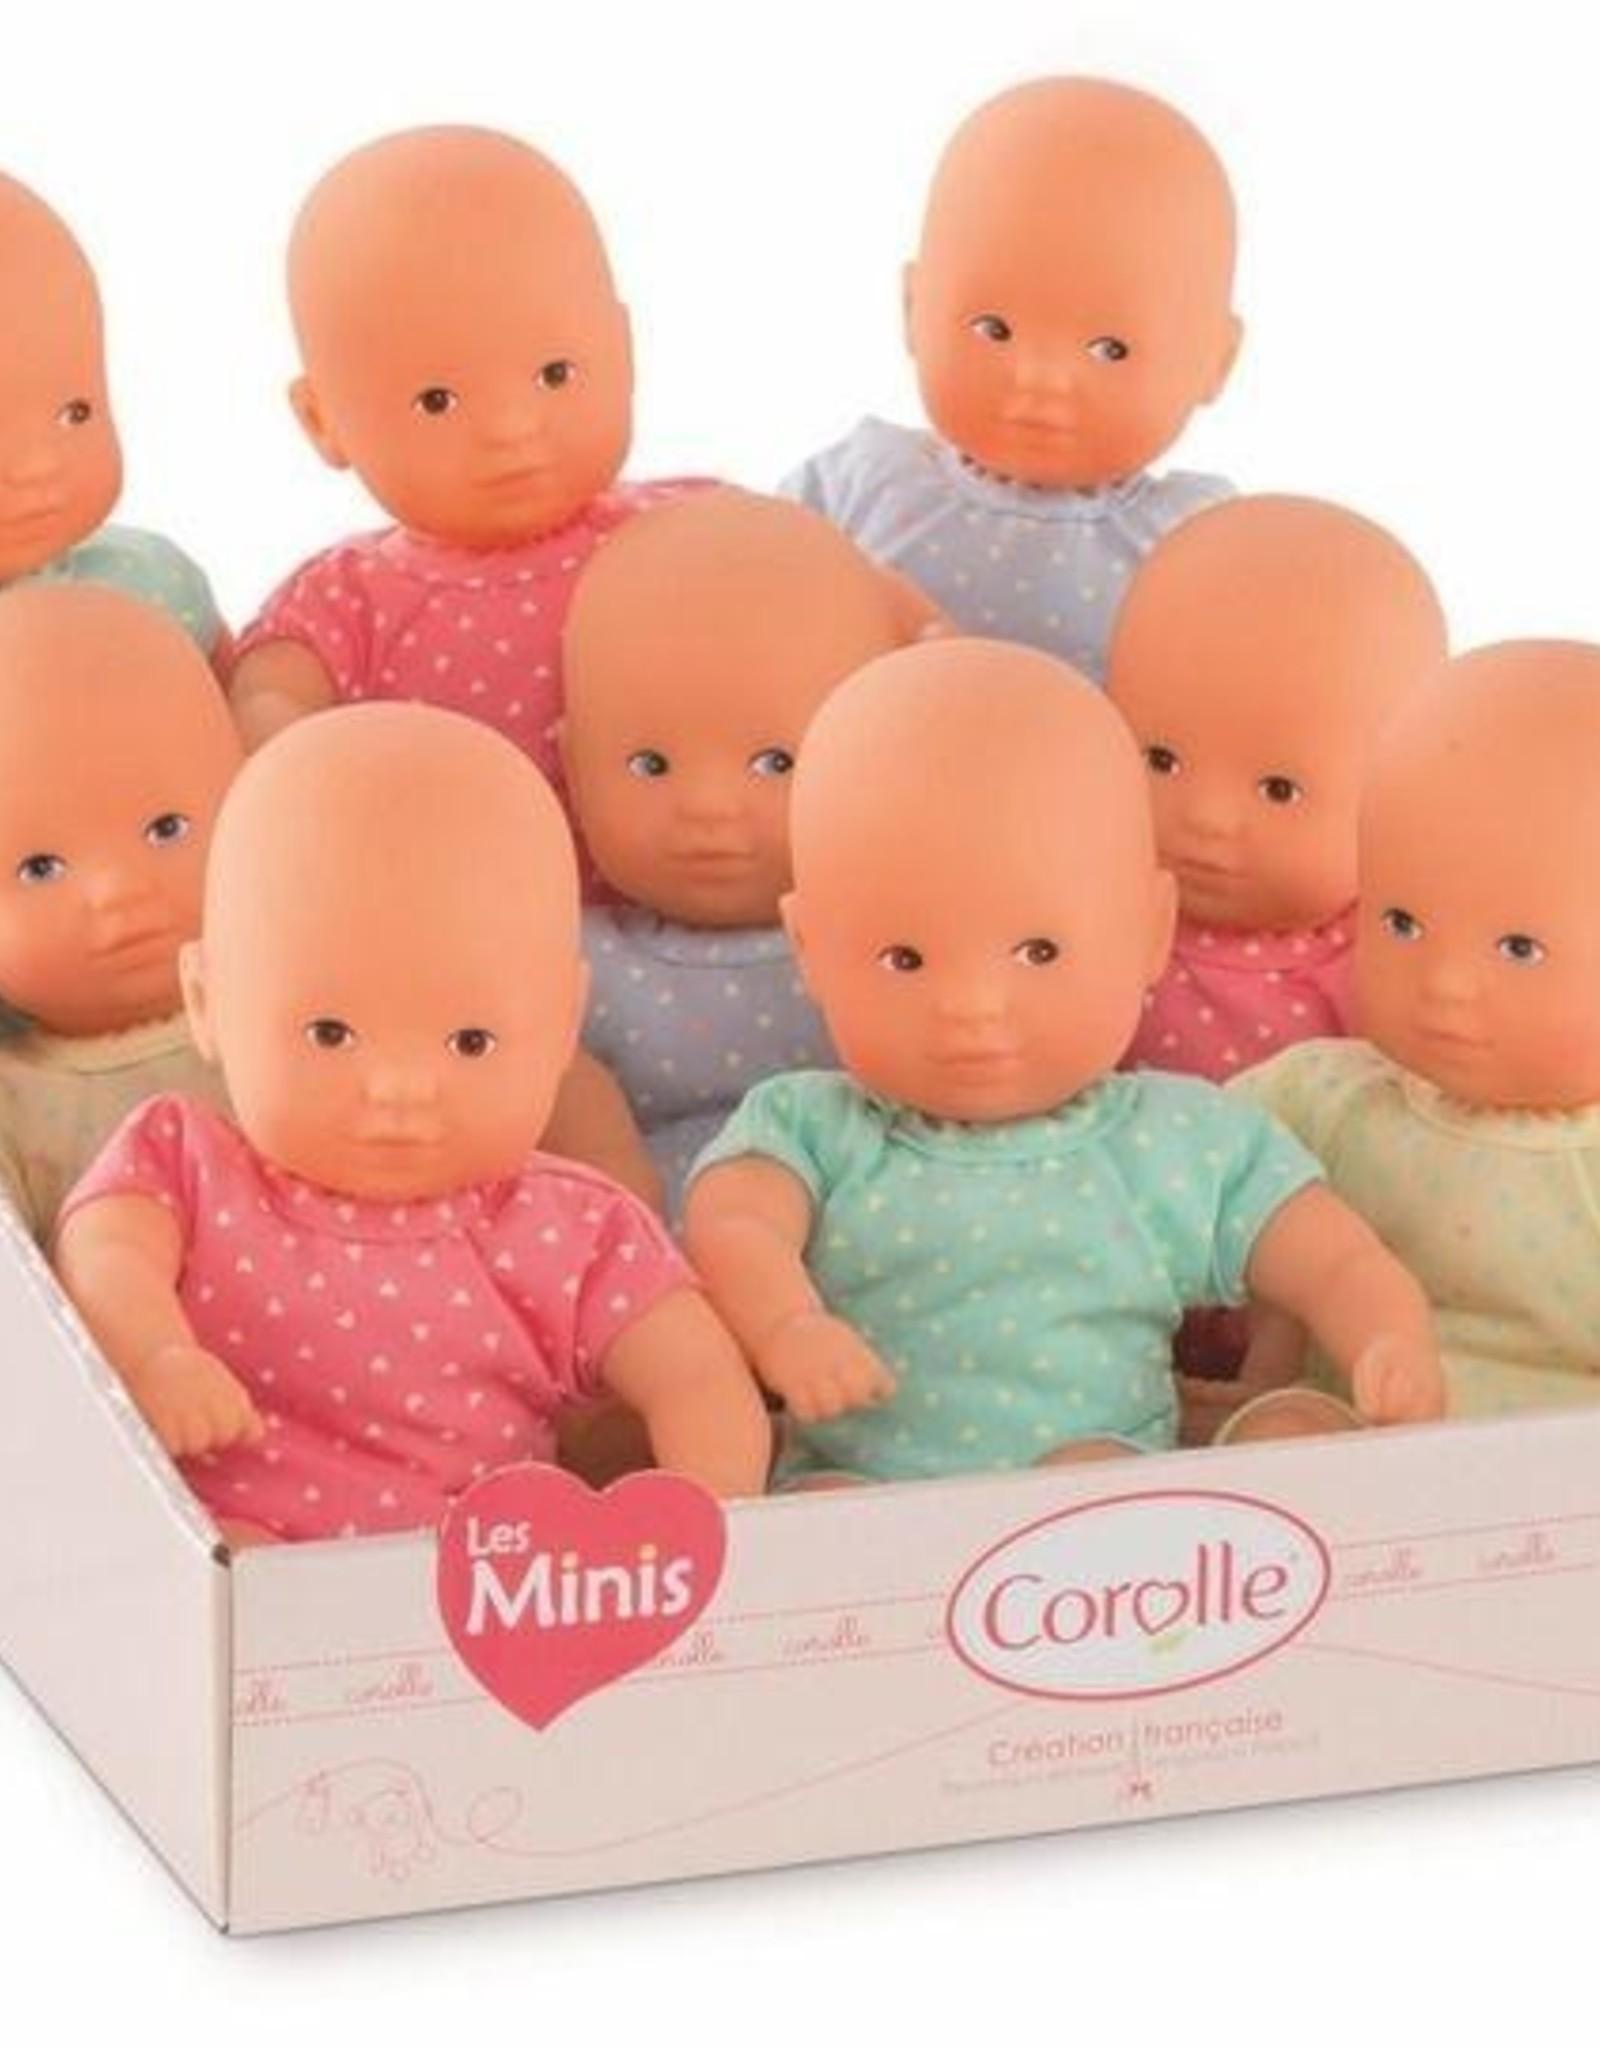 Corolle Corolle - My Mini - Calin Sweethearts